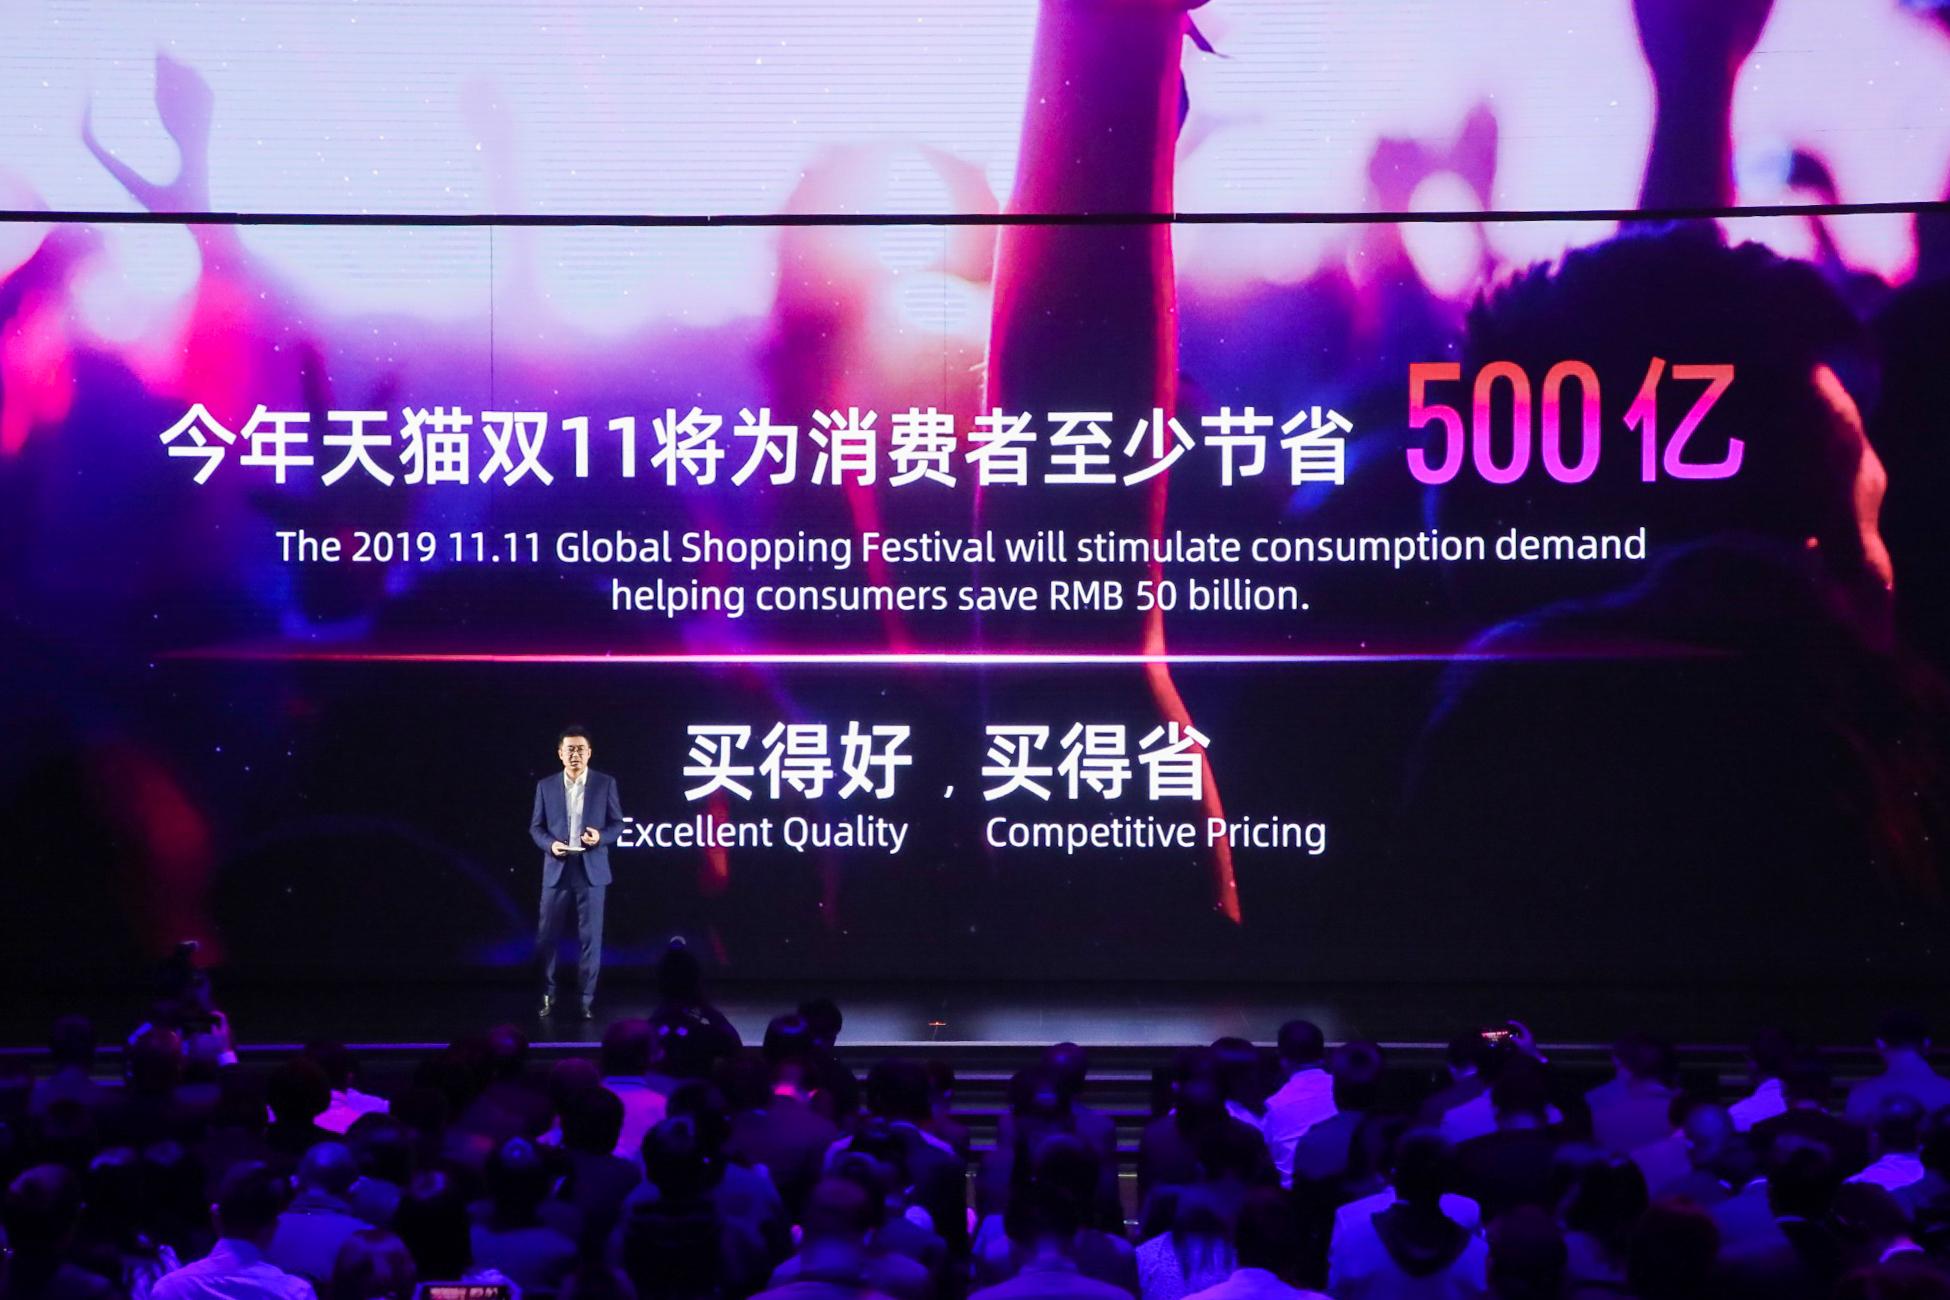 5亿人参与的天猫双11来了:史上最大官方旗舰店折扣,要为用户节省500亿!